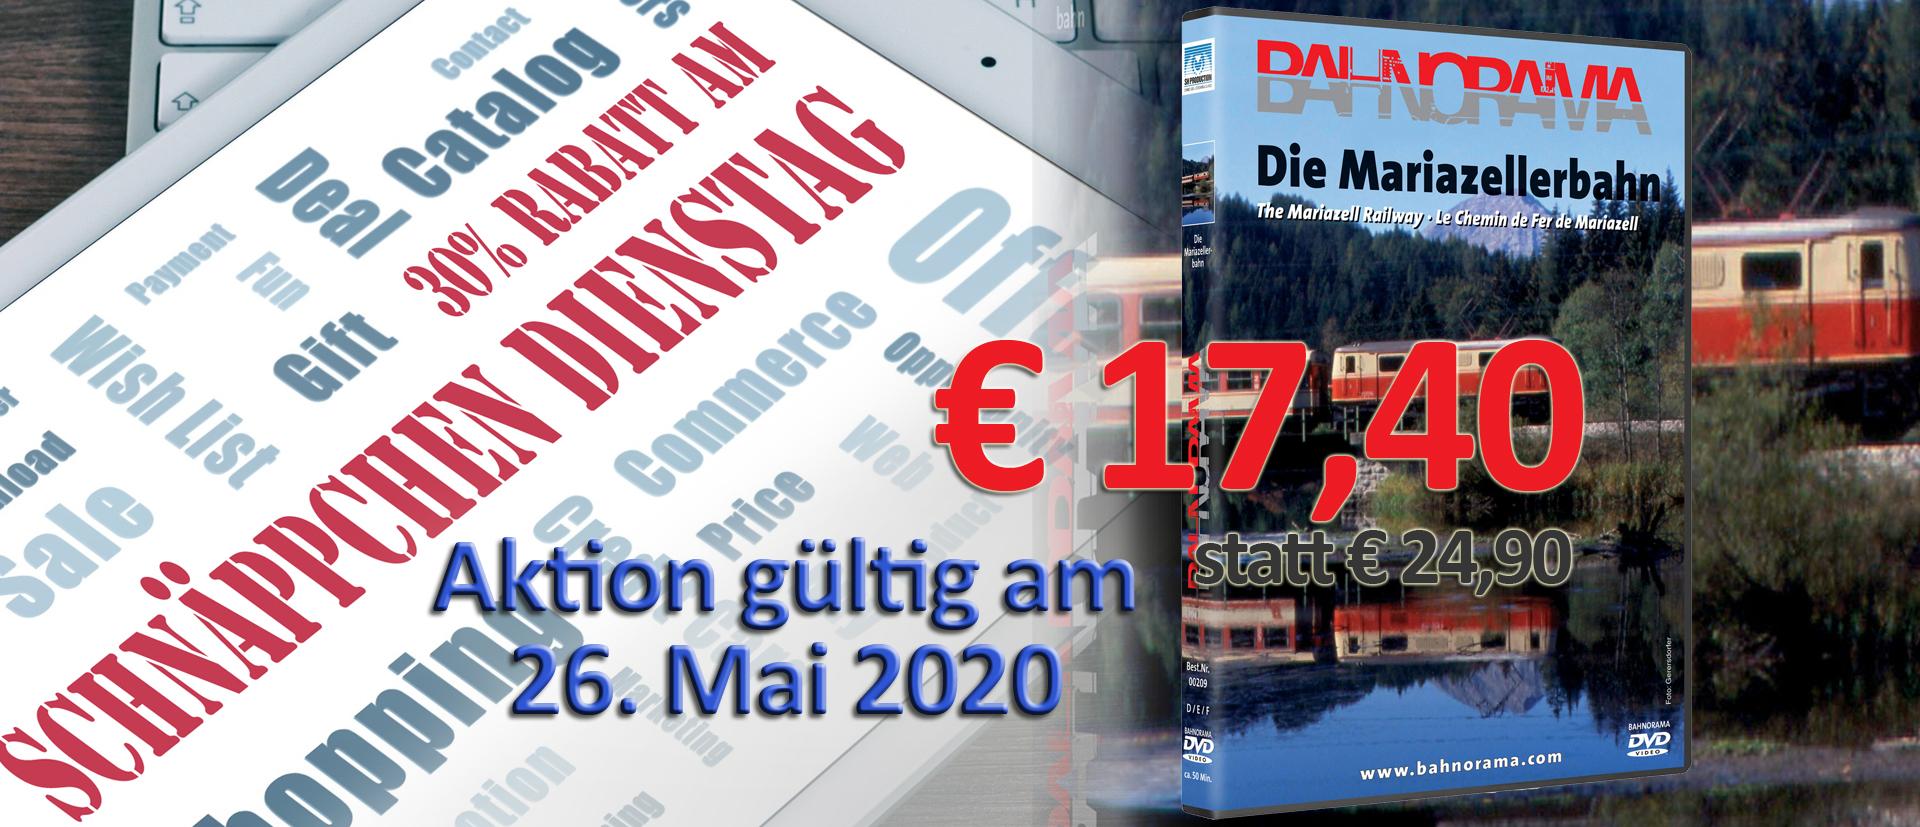 2020 05 26_schnäppchen dienstag_Mariazellerbahn